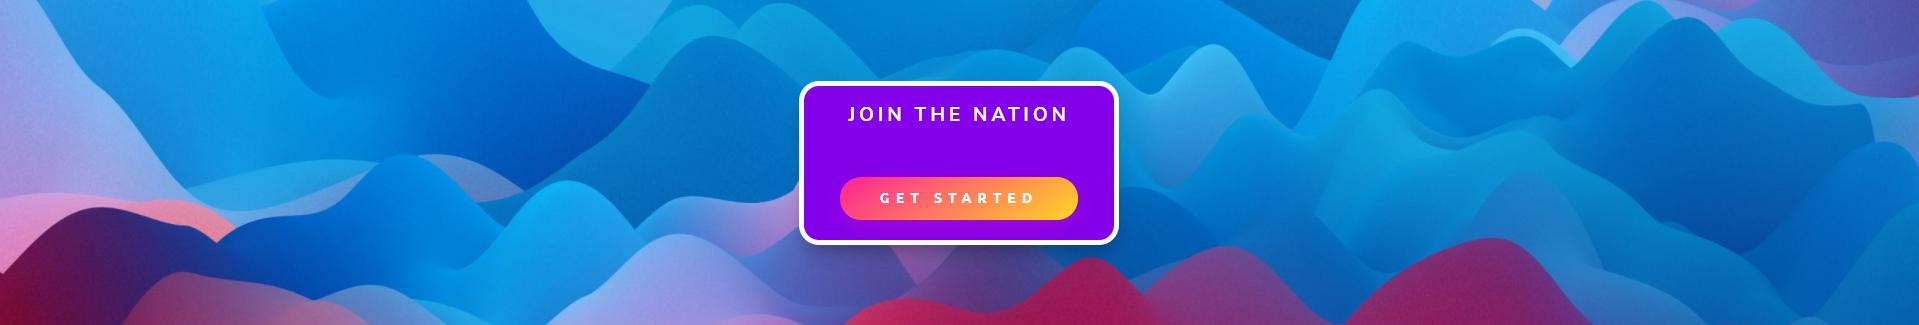 https://careernet.com/wp-content/uploads/2021/06/Careernet-nations-2.png